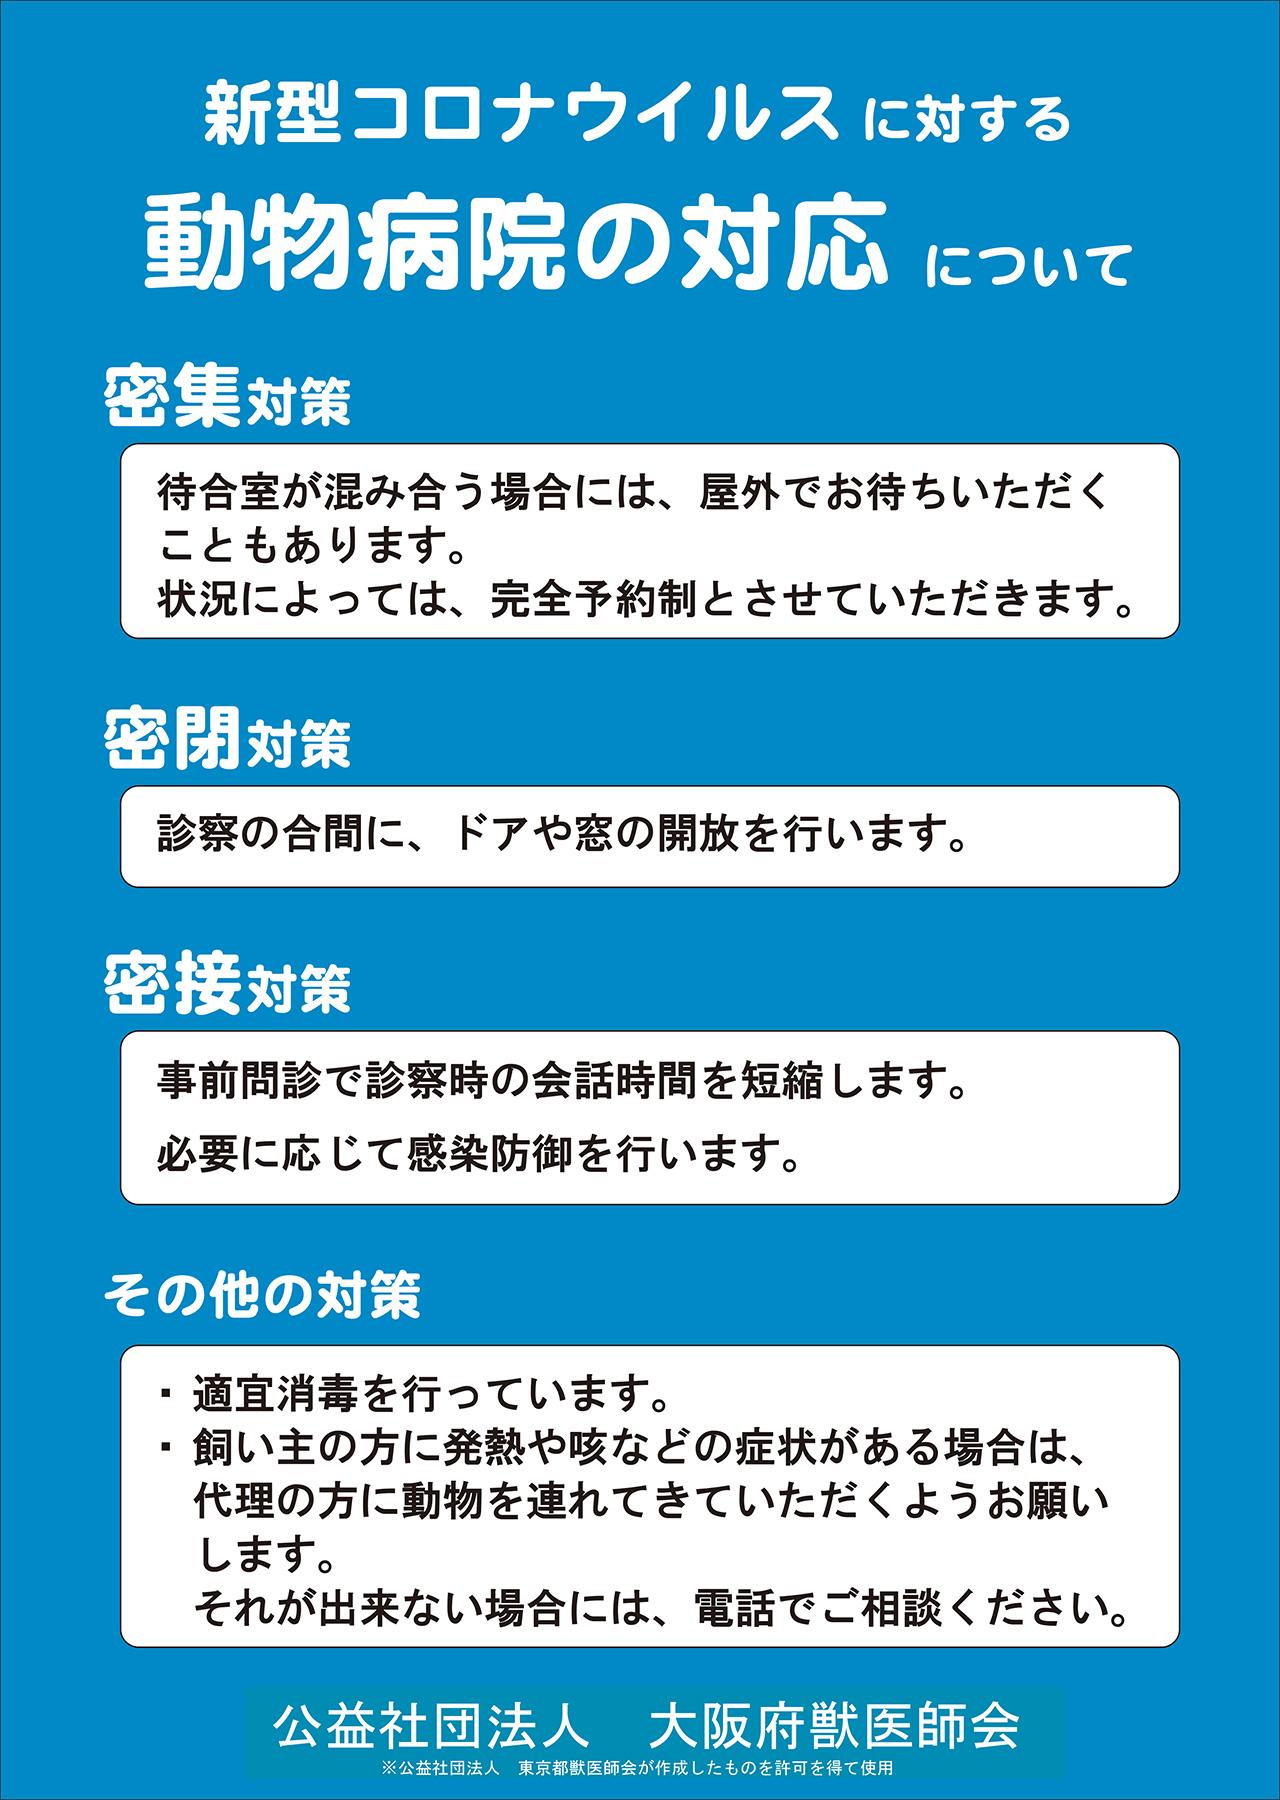 大阪府獣医師会コロナ対策指針